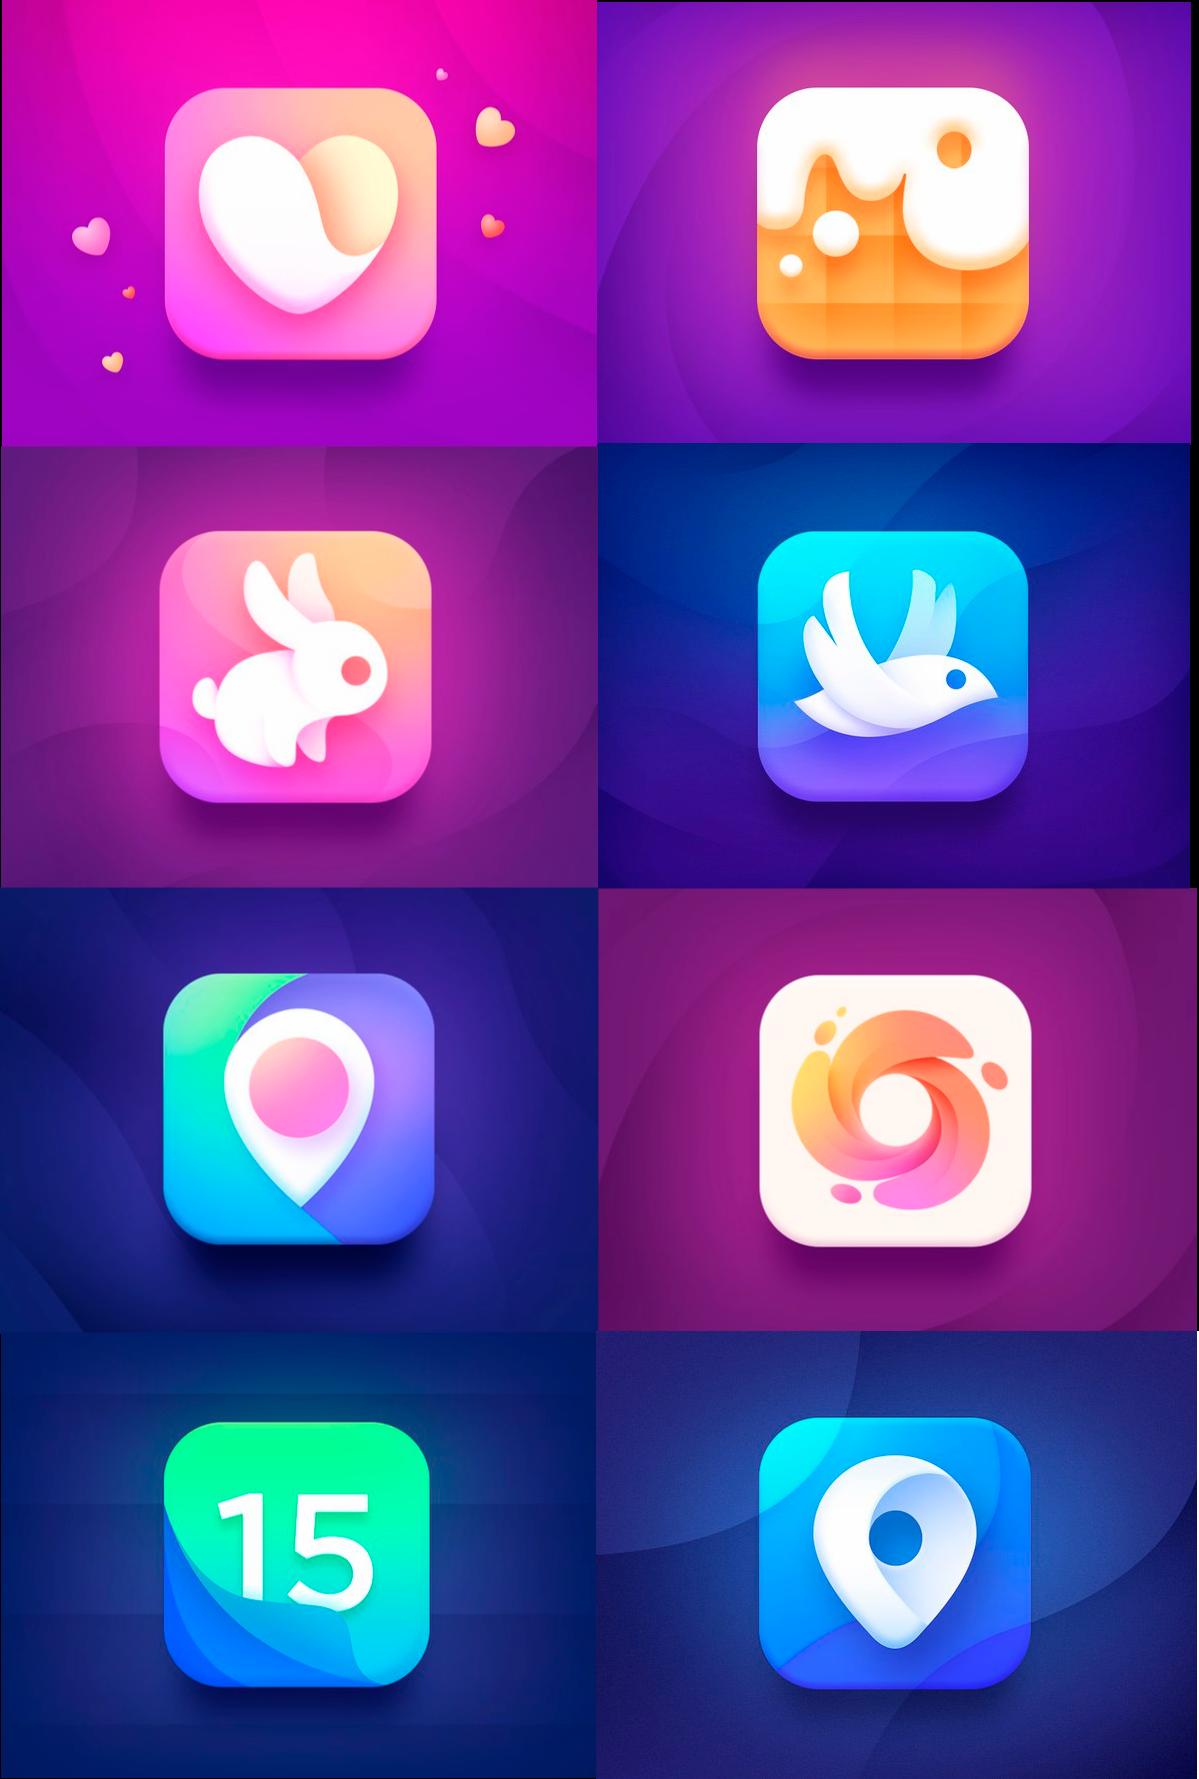 「DESIGN / AppIcon」おしゃれまとめの人気アイデア|Pinterest|Misaki Hirose